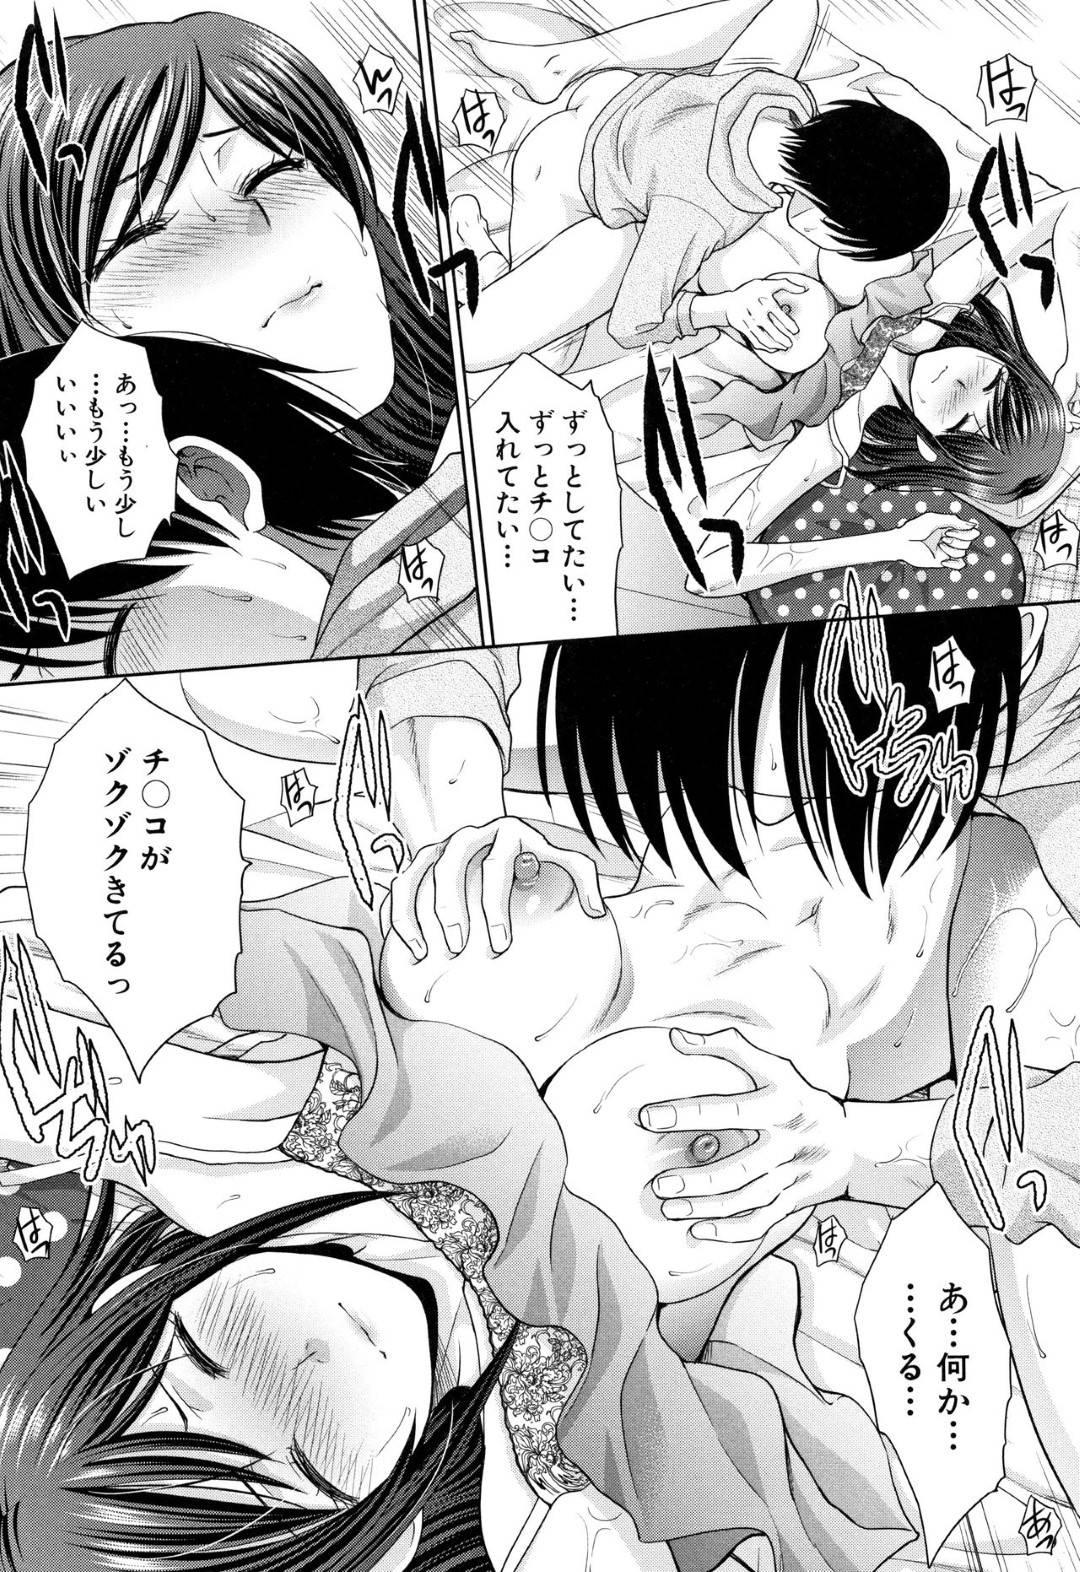 【近親相姦エロ漫画】姉が超巨大ディルドを使いオナニーし絶頂し気絶しているところを弟がチンコを生挿入し中出しセックス【板場広し】